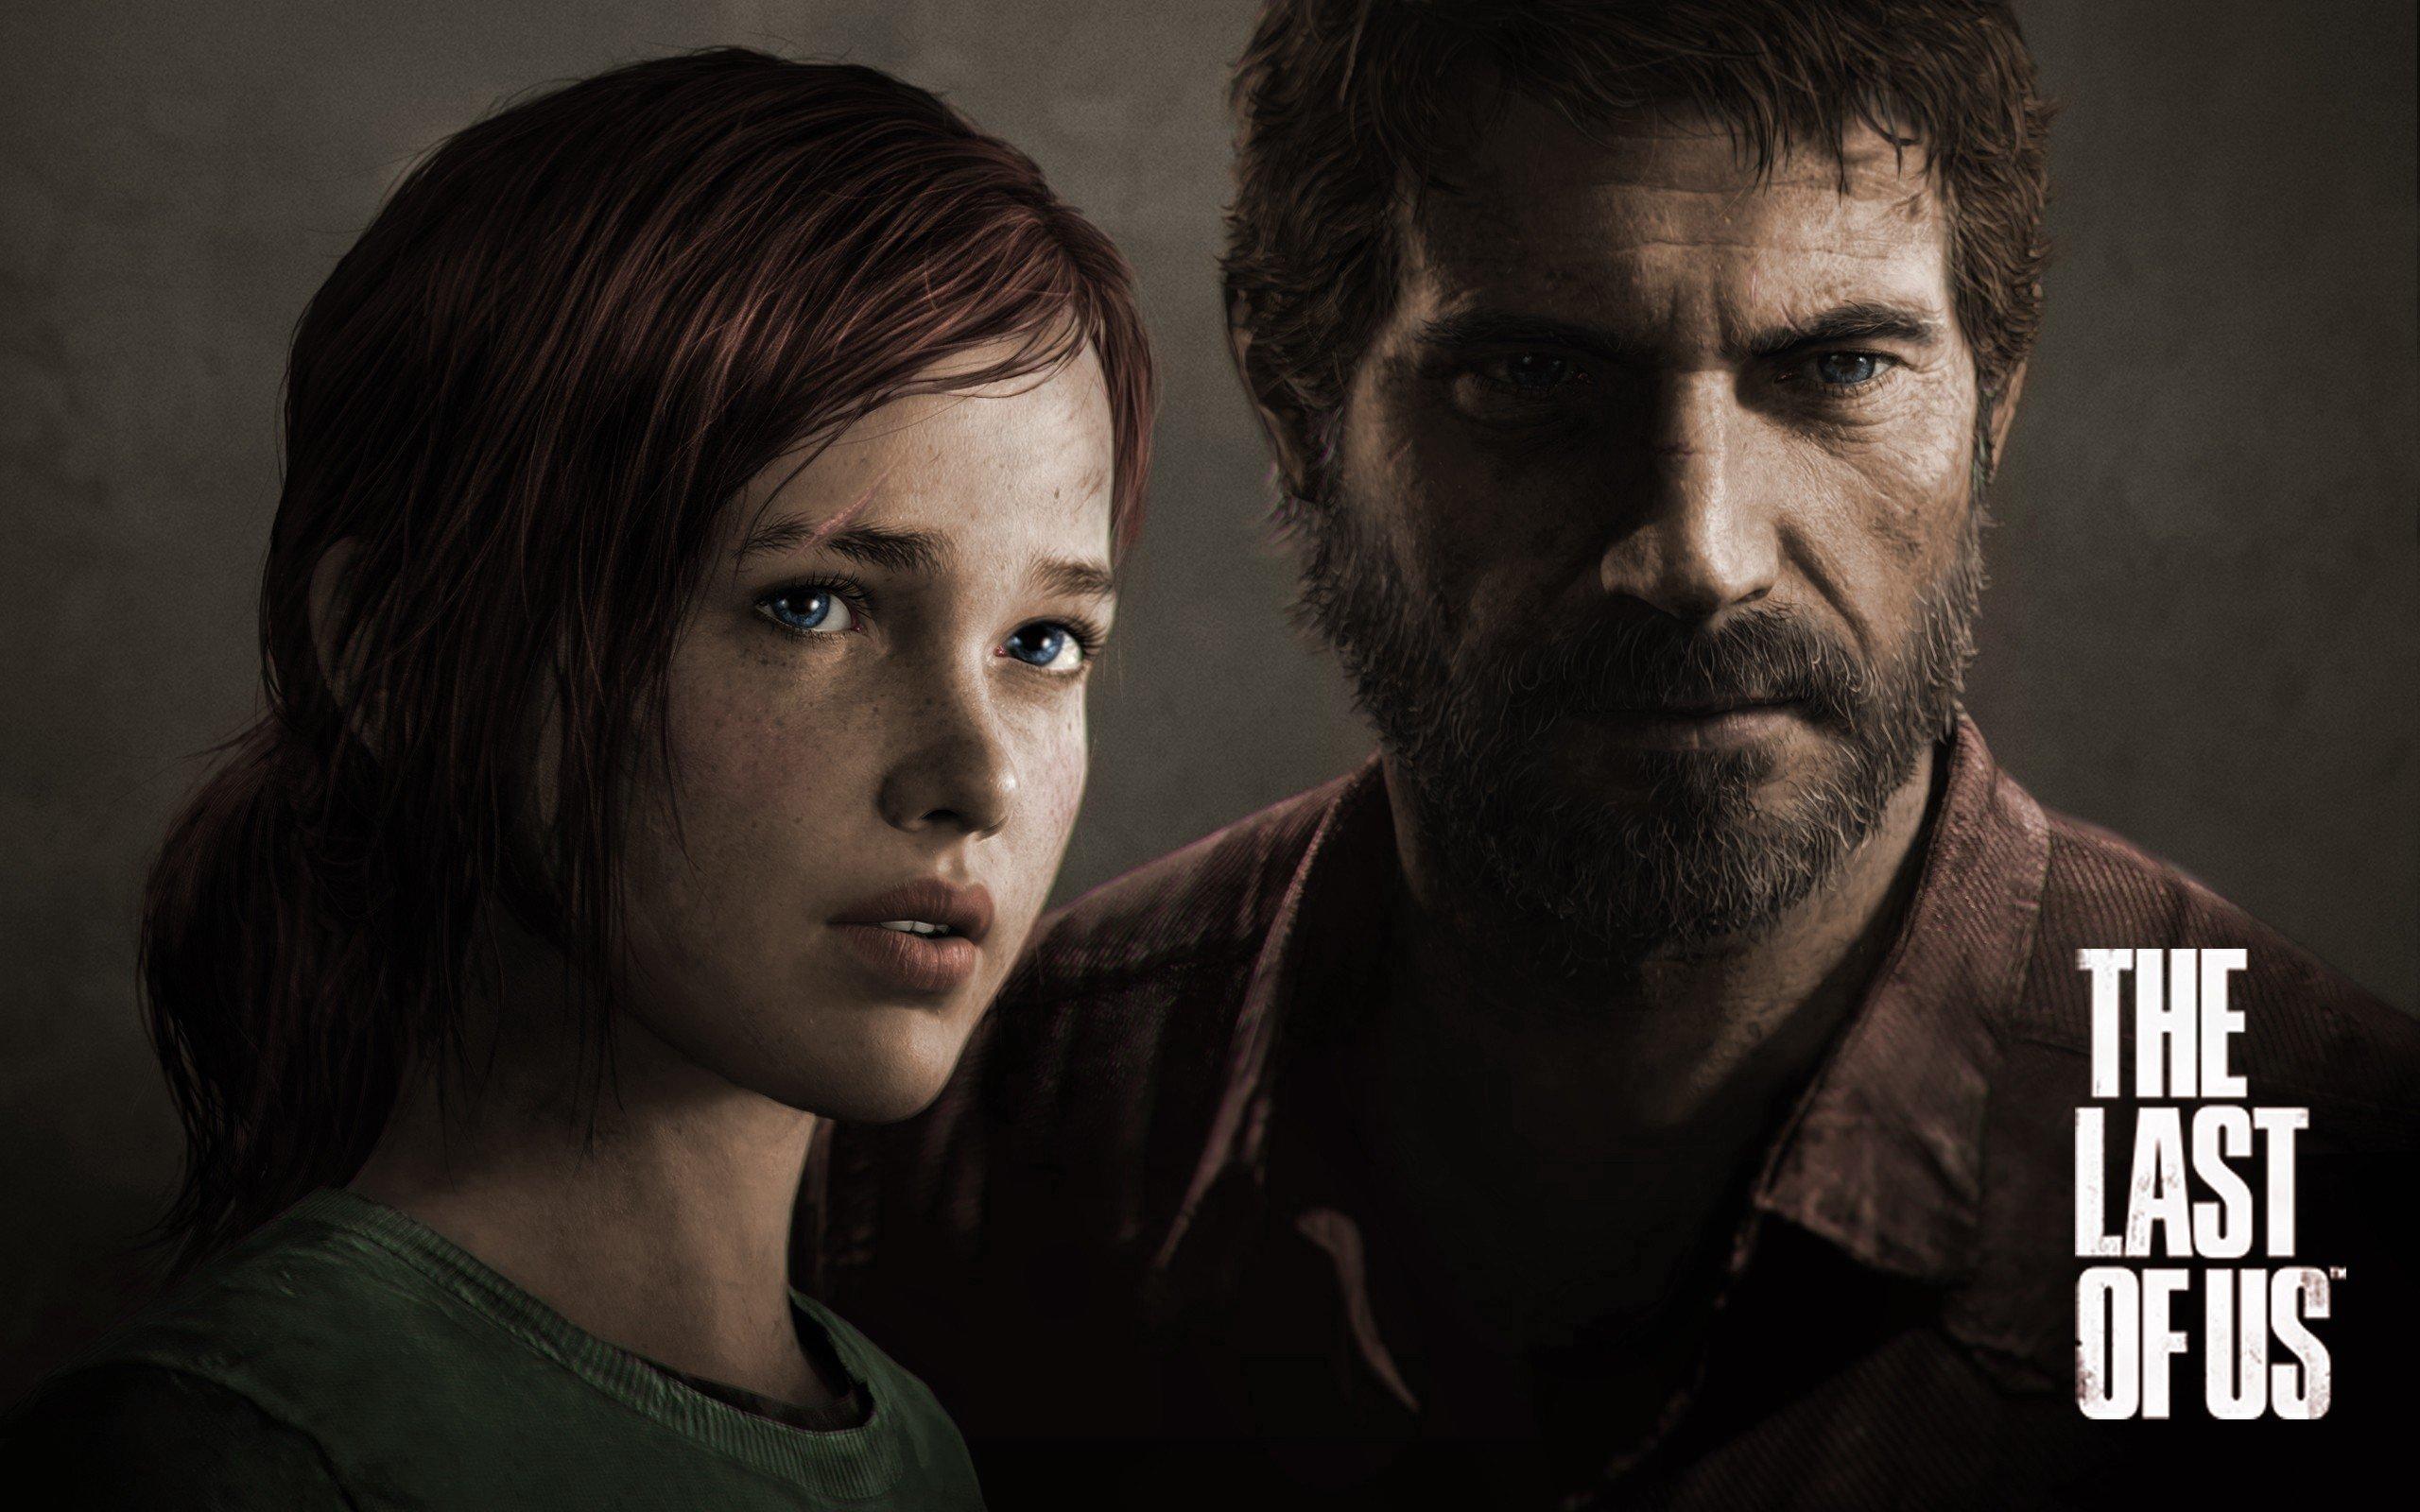 The Last of Us появится этим летом на PS4  - Изображение 1